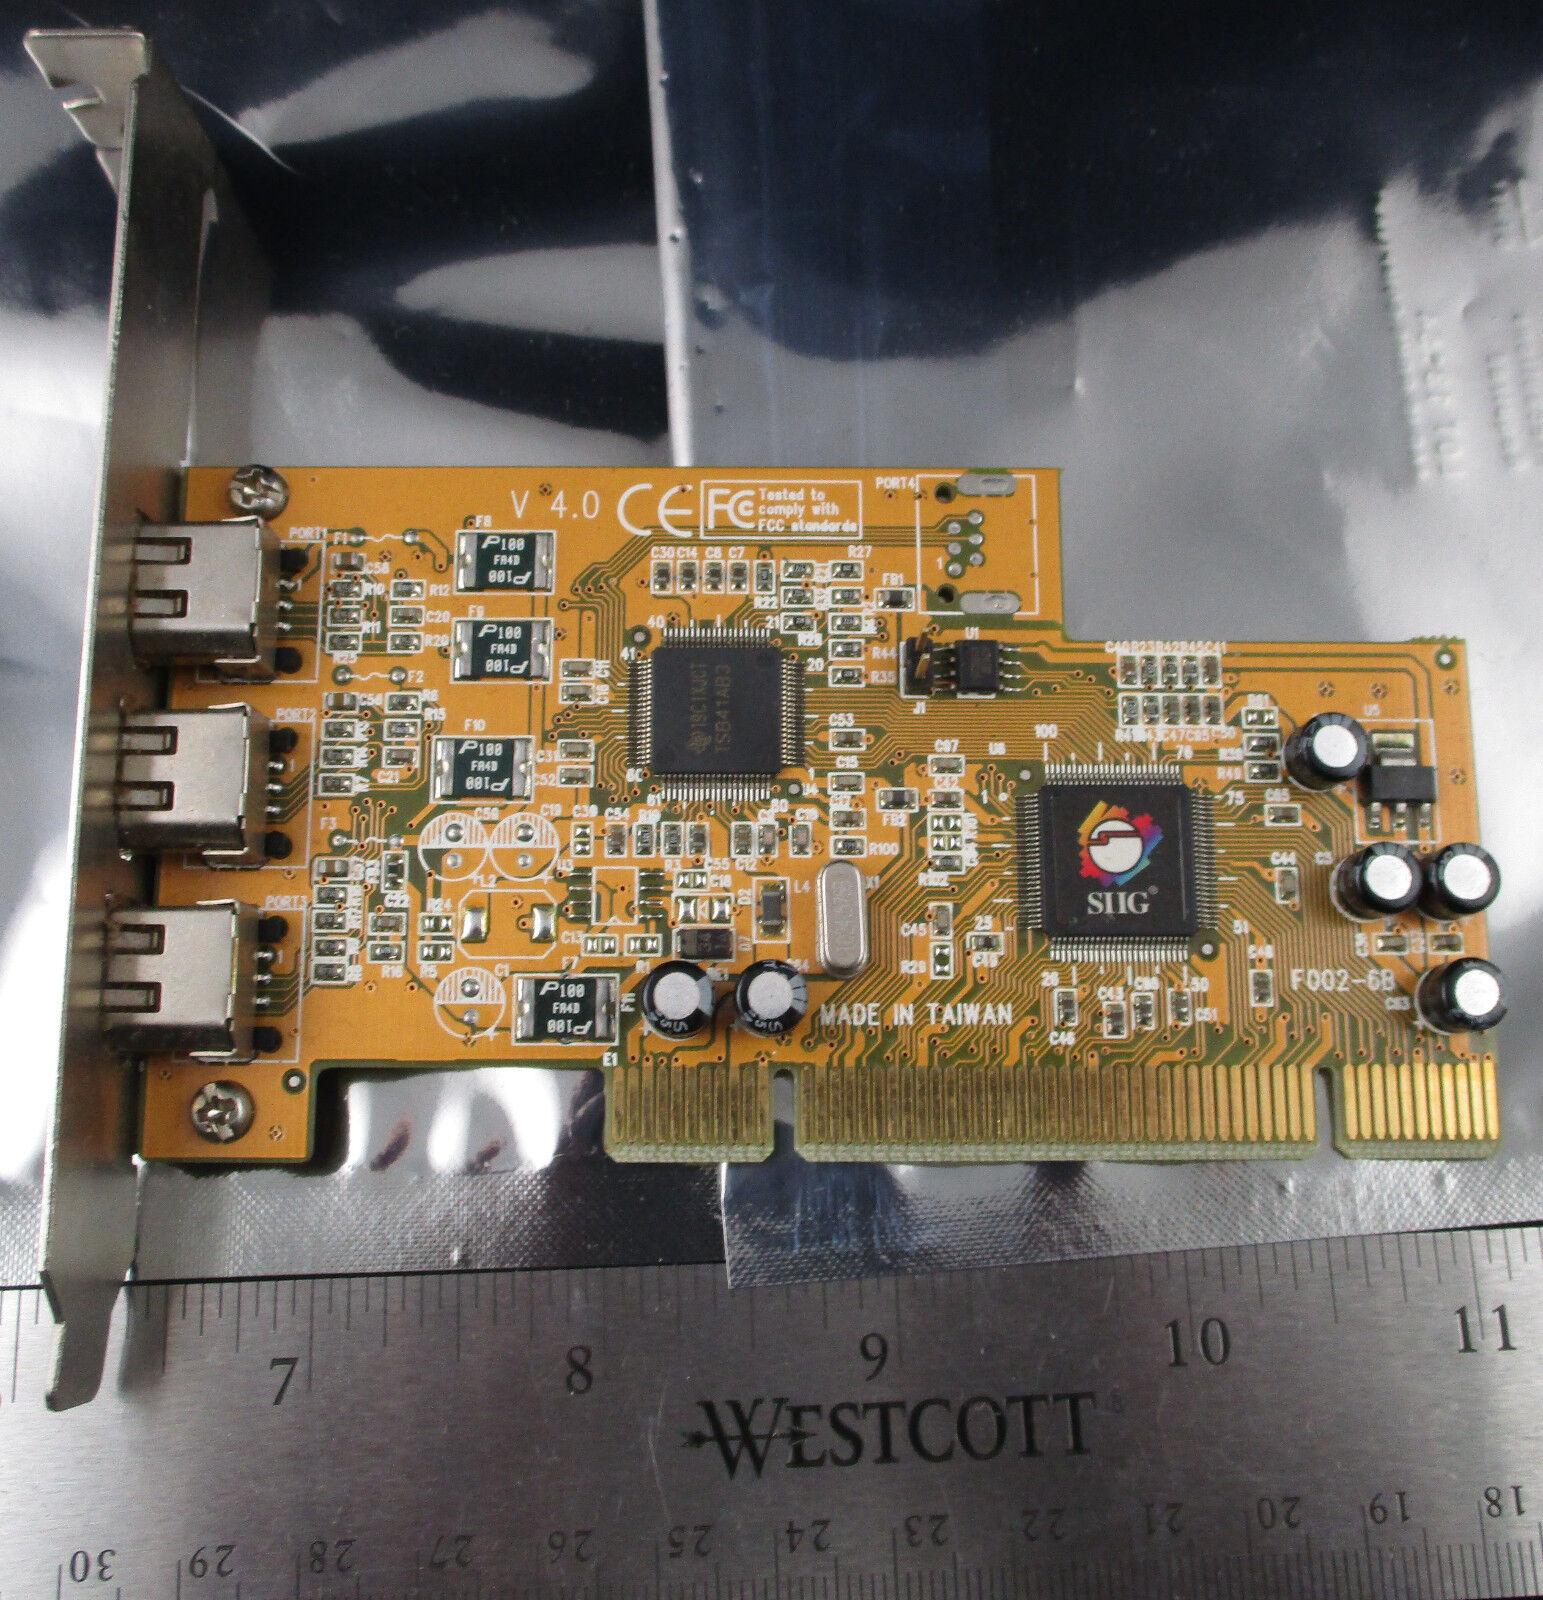 SIIG FireWire 3-Port PCI Adapter Card Three External IEEE 1394 Port F002-68